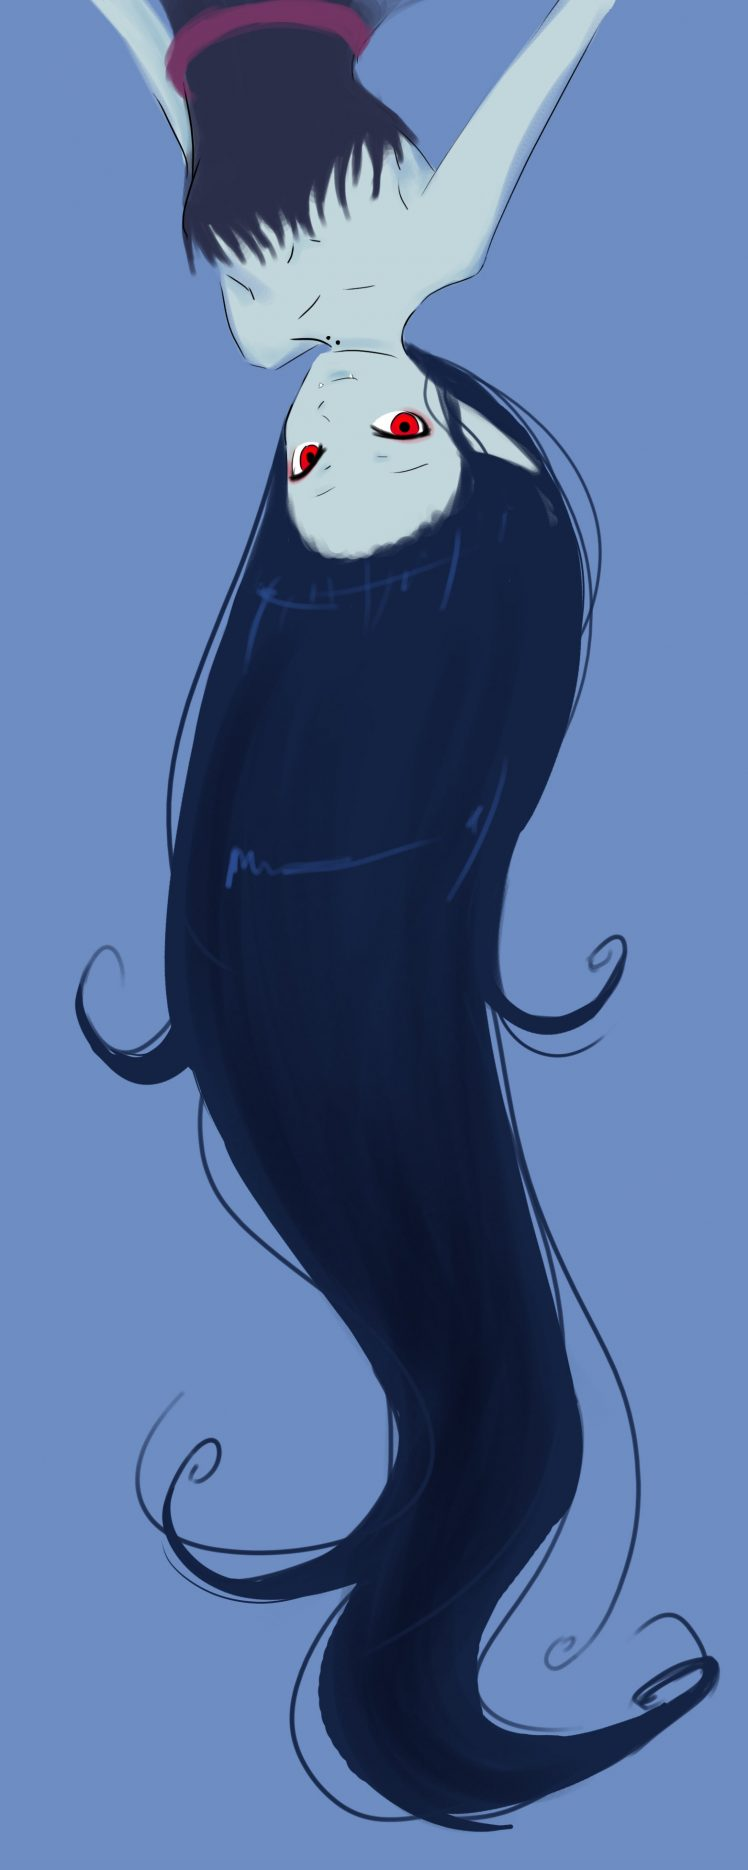 Marceline the vampire queen Cartoon Adventure Time Wallpapers HD 748x1870